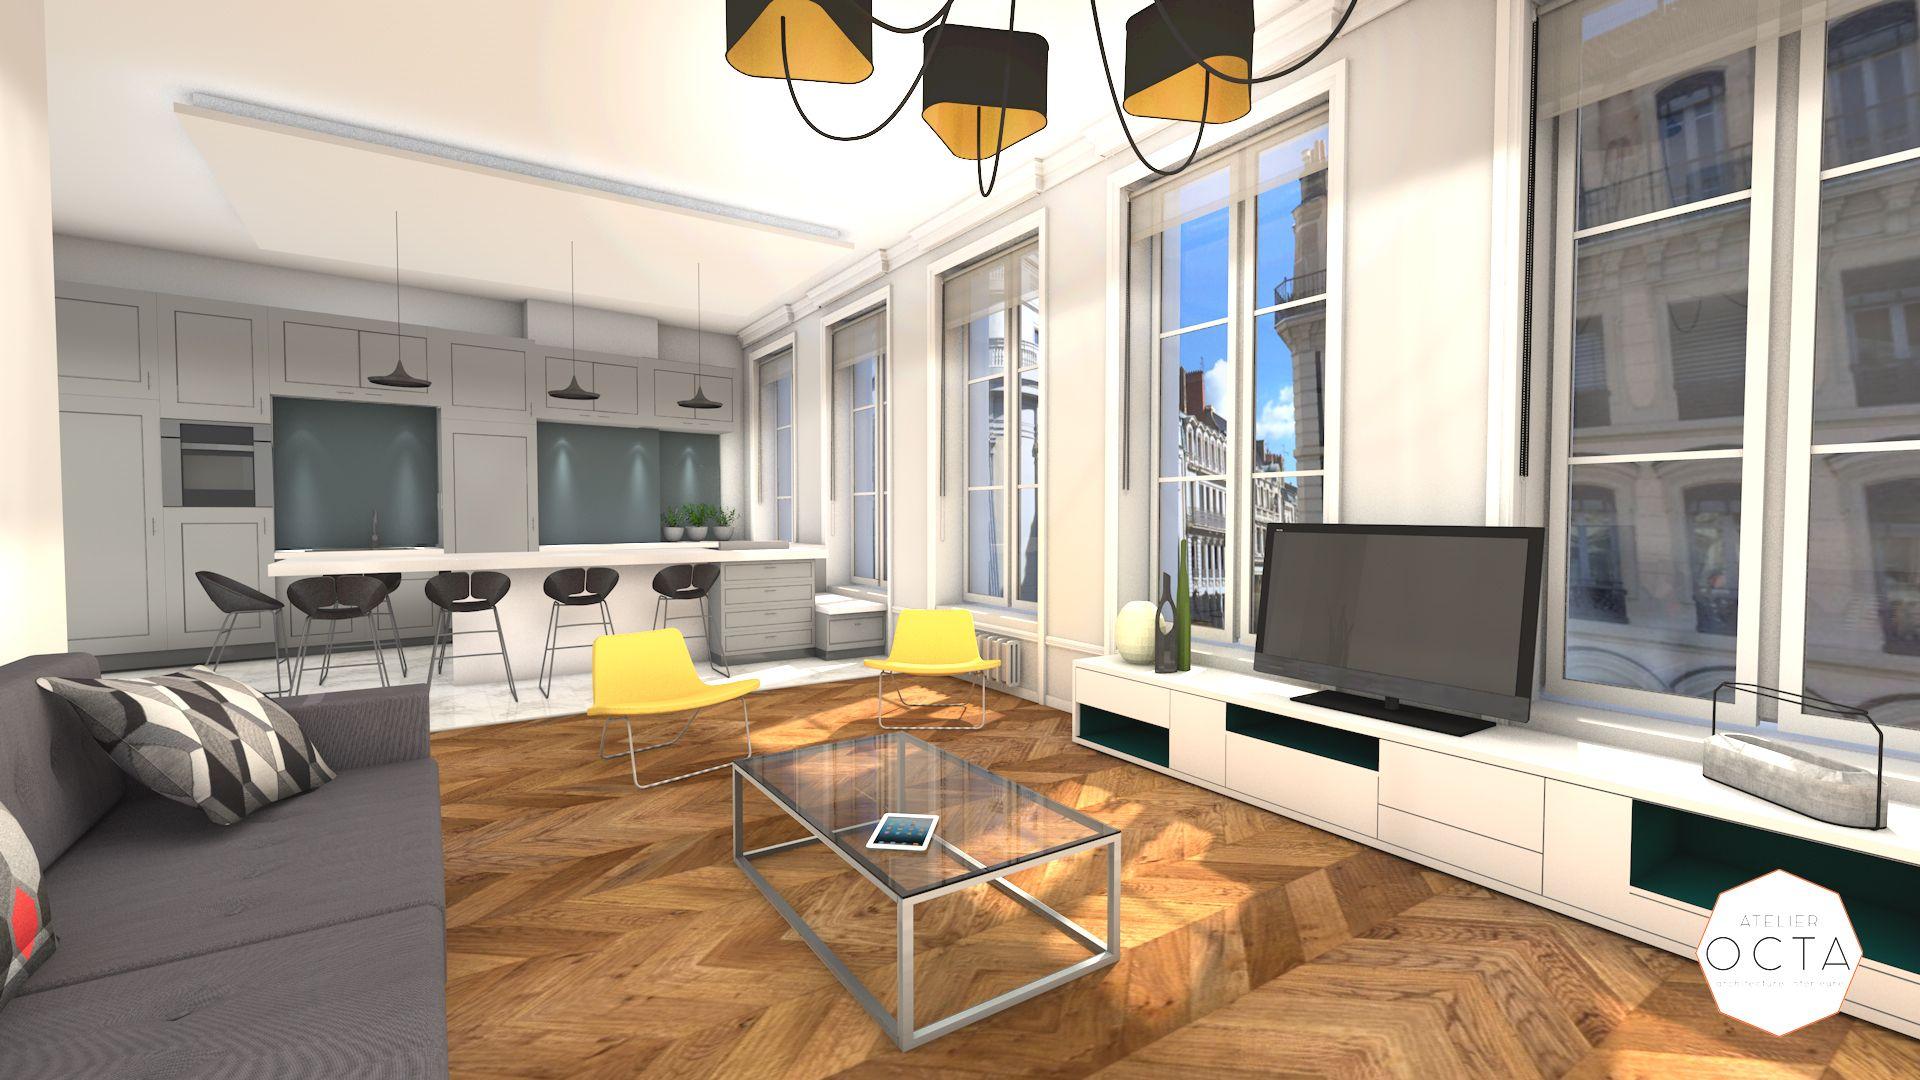 Atelier OCTA, architecture intérieure, aménagement, agencement ...